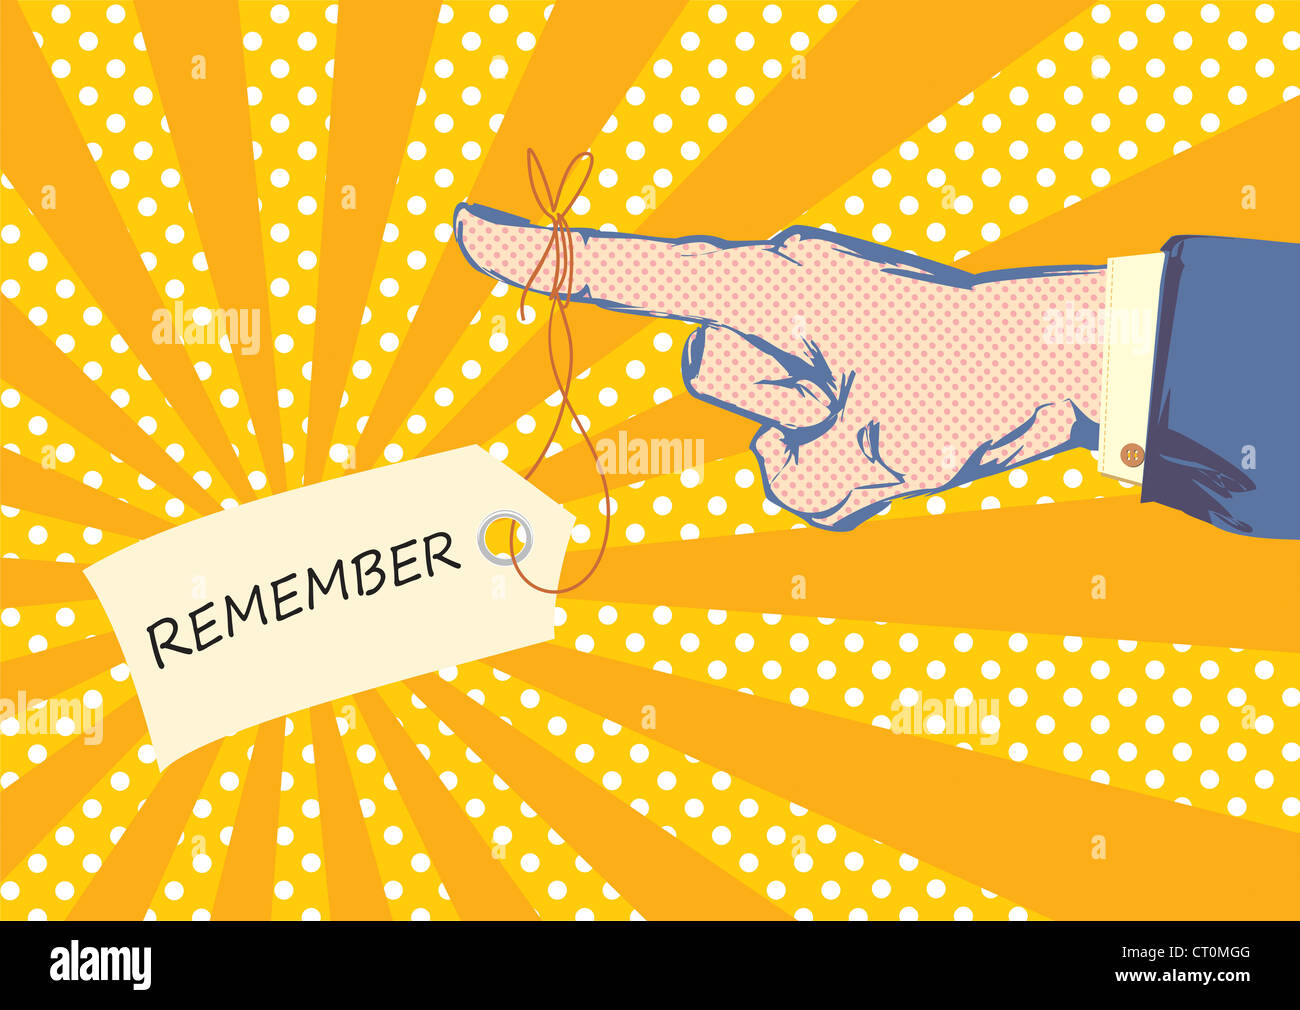 Dibujó a mano y señalar con el dedo con traje chaqueta y camisa manga en estilo pop art Imagen De Stock